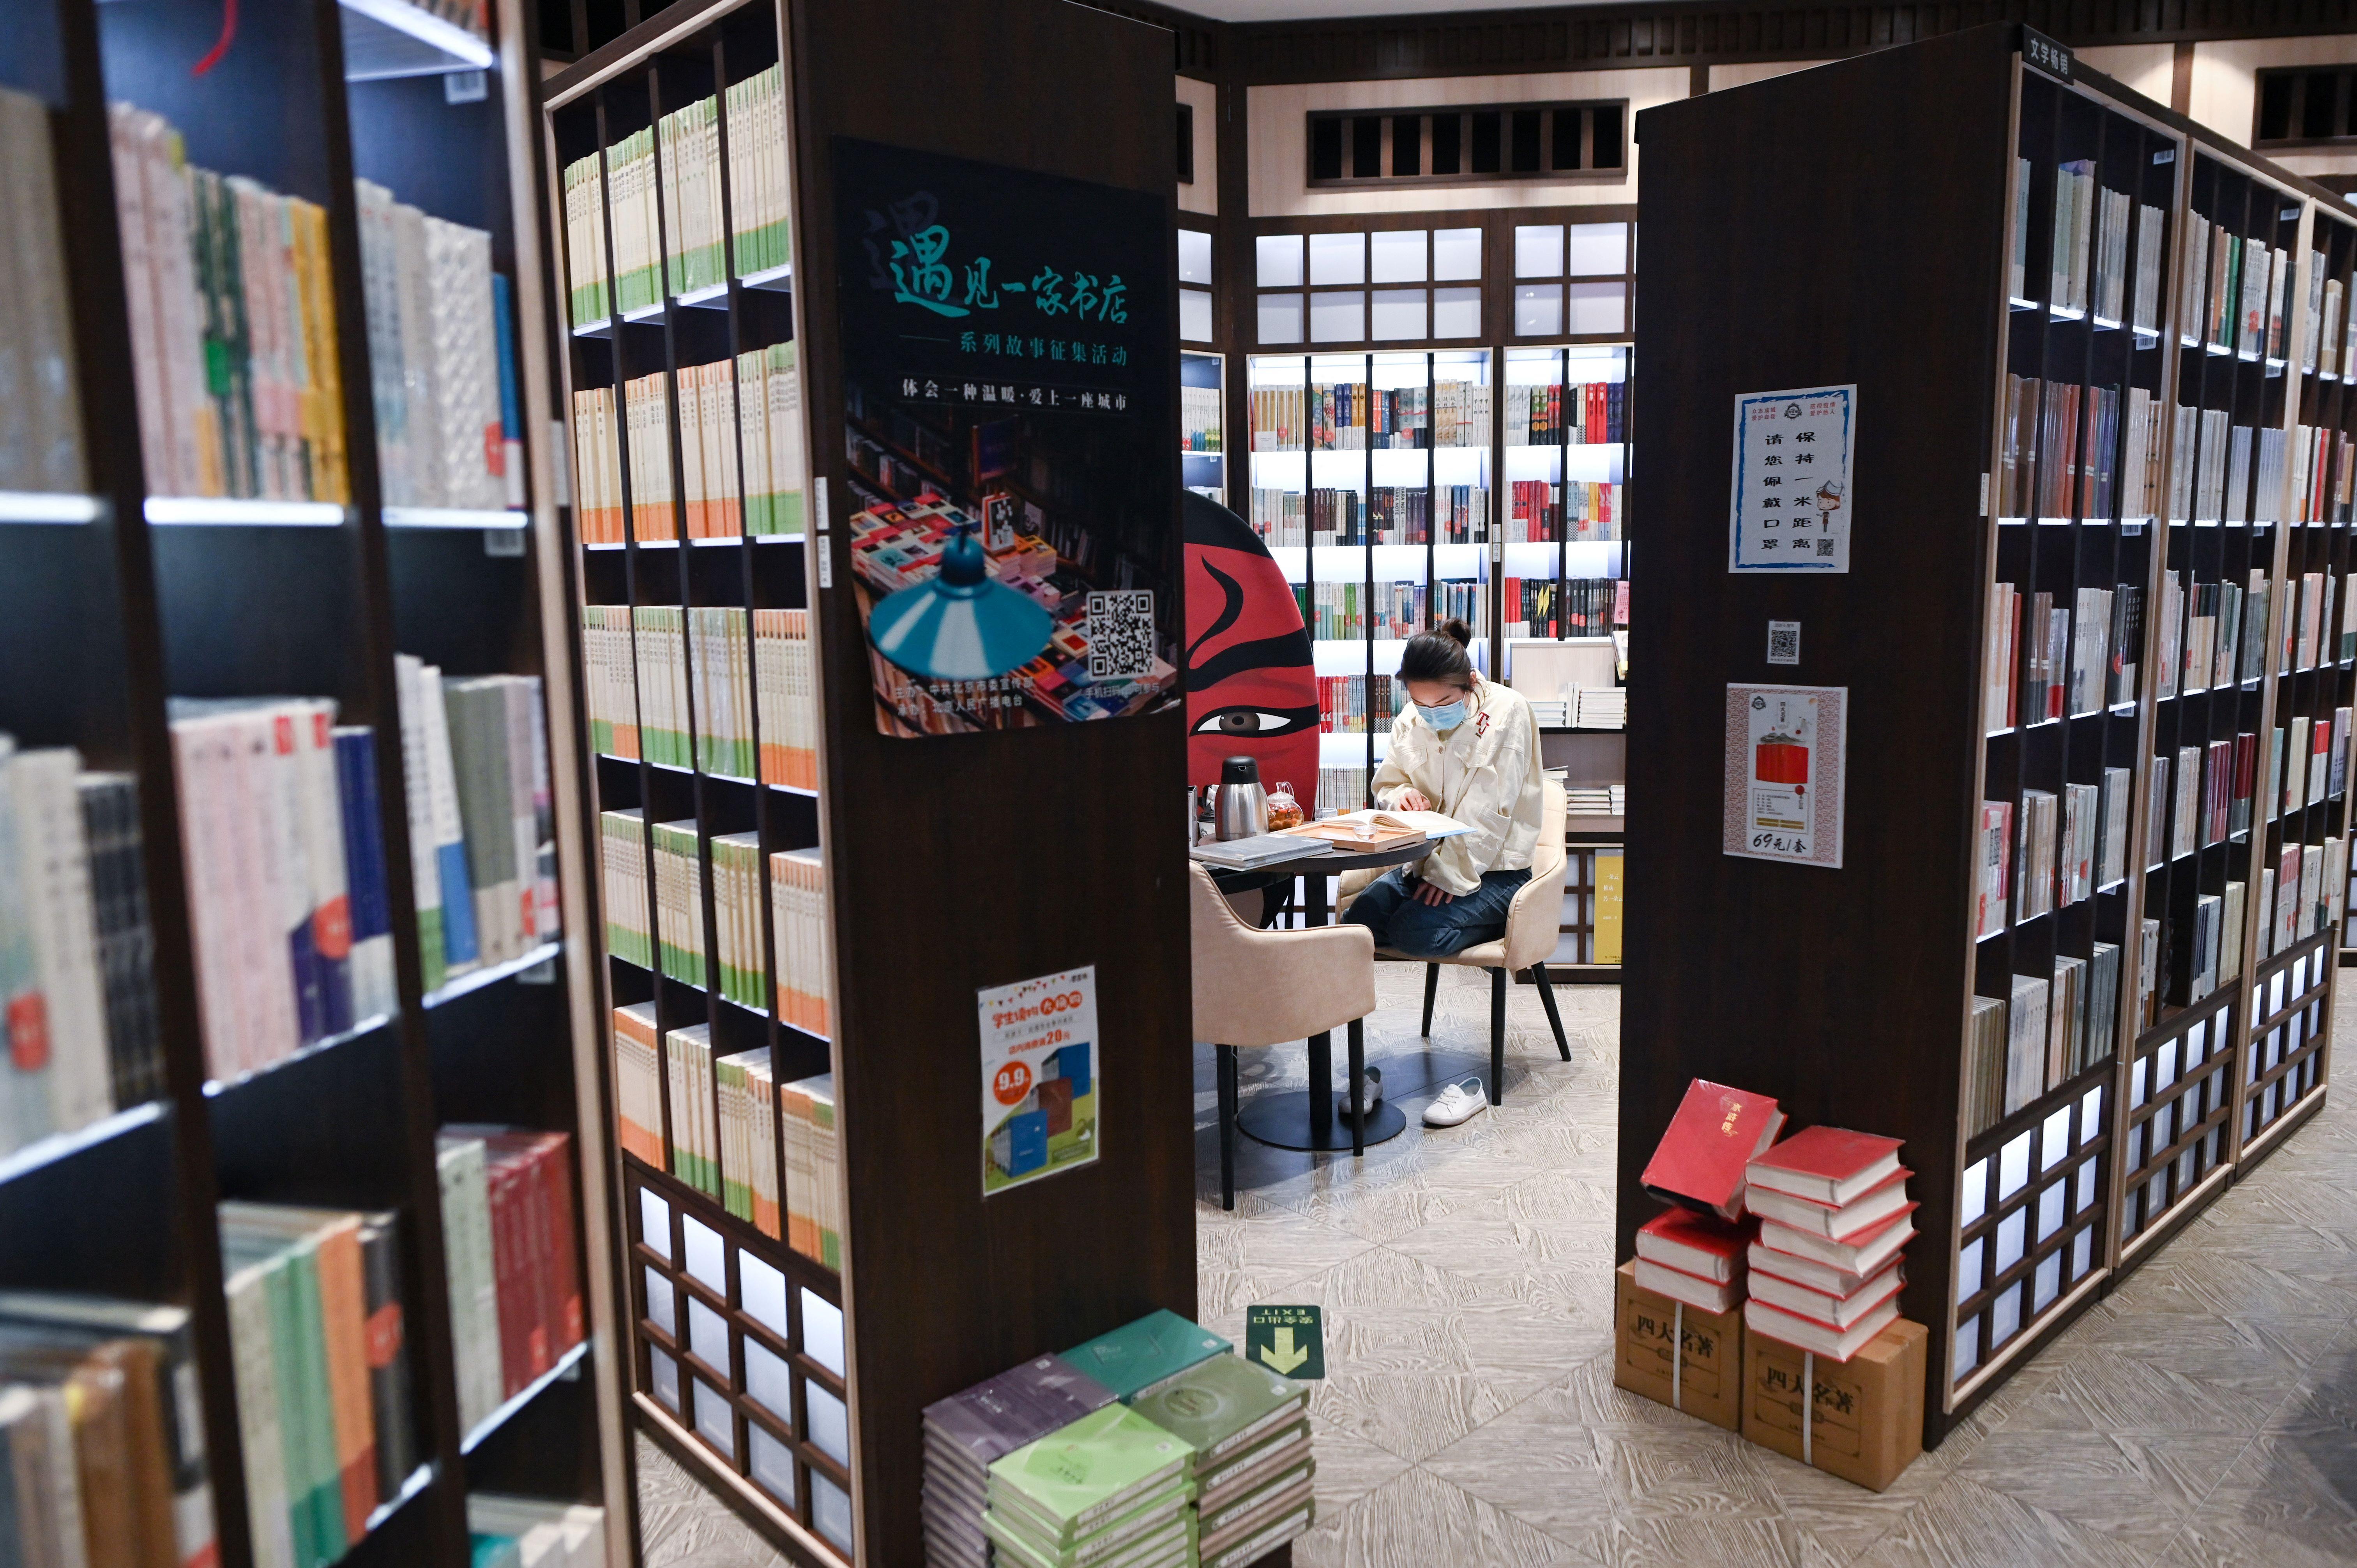 2020年2020年4月23日,一位顾客在北京一家书店内读书。(图:AFP / WANG ZHAO)